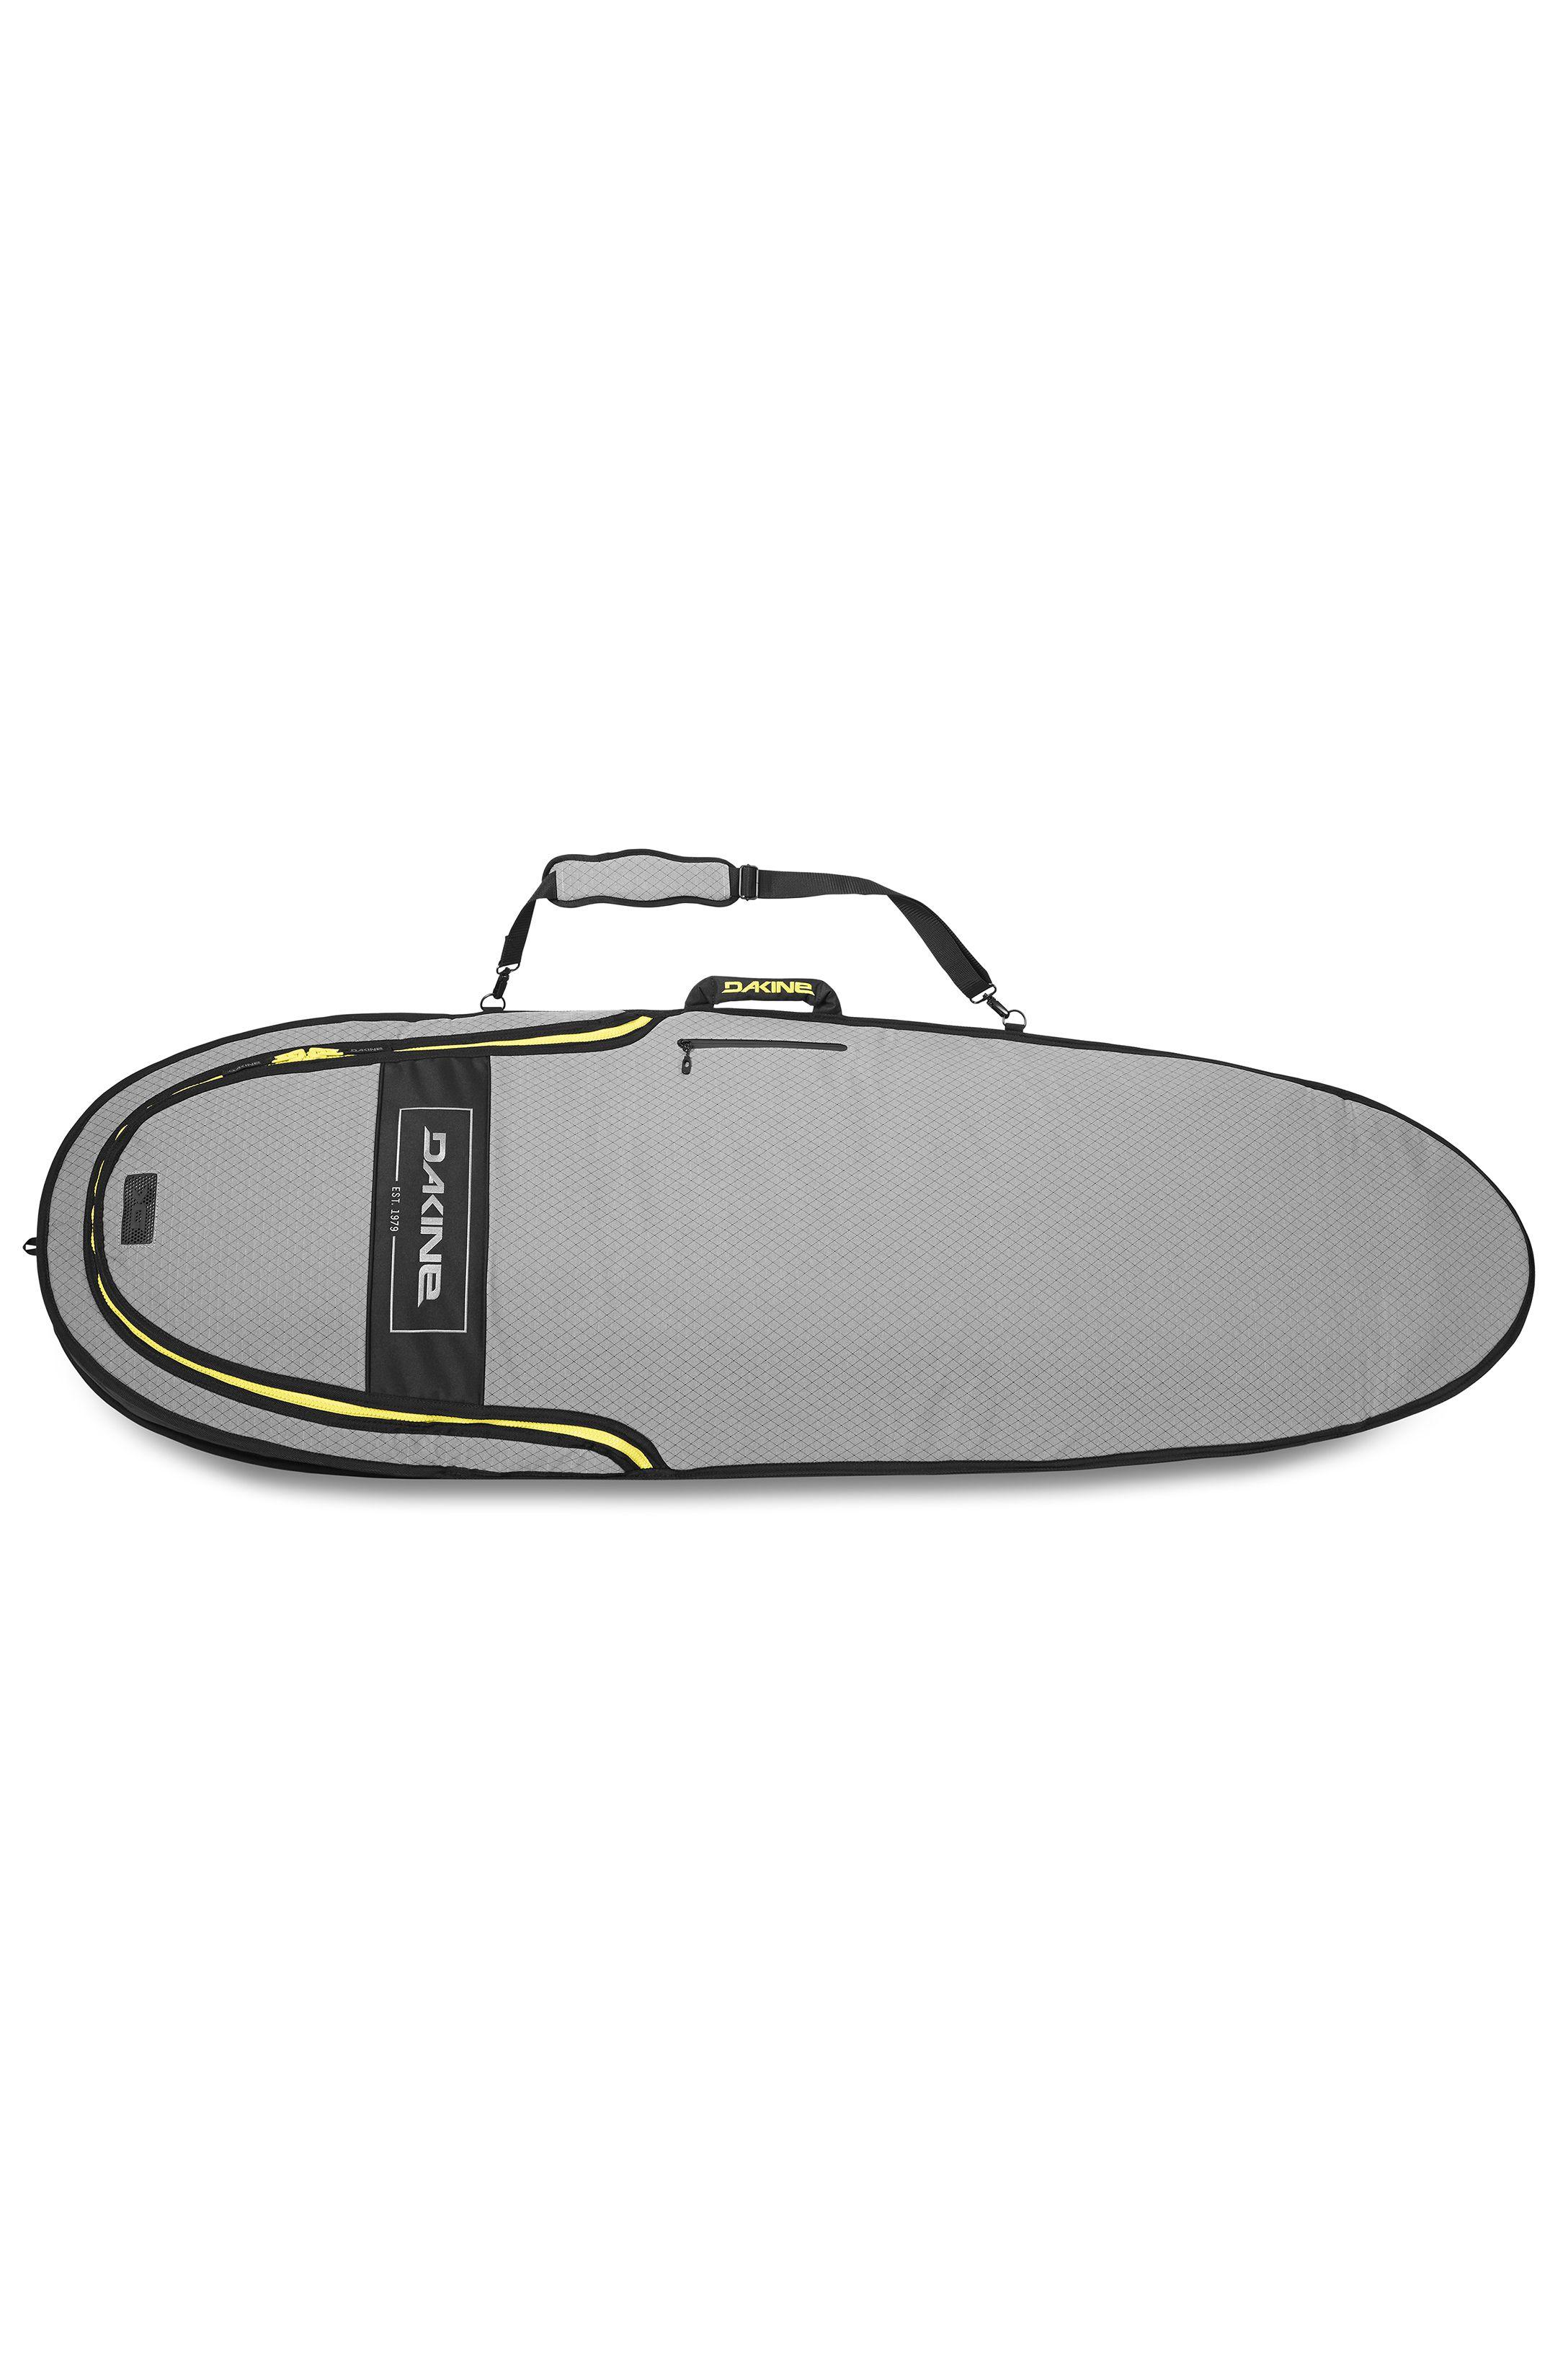 Dakine Boardbag 5'8 MISSION SURFBOARD BAG HYBRID Carbon